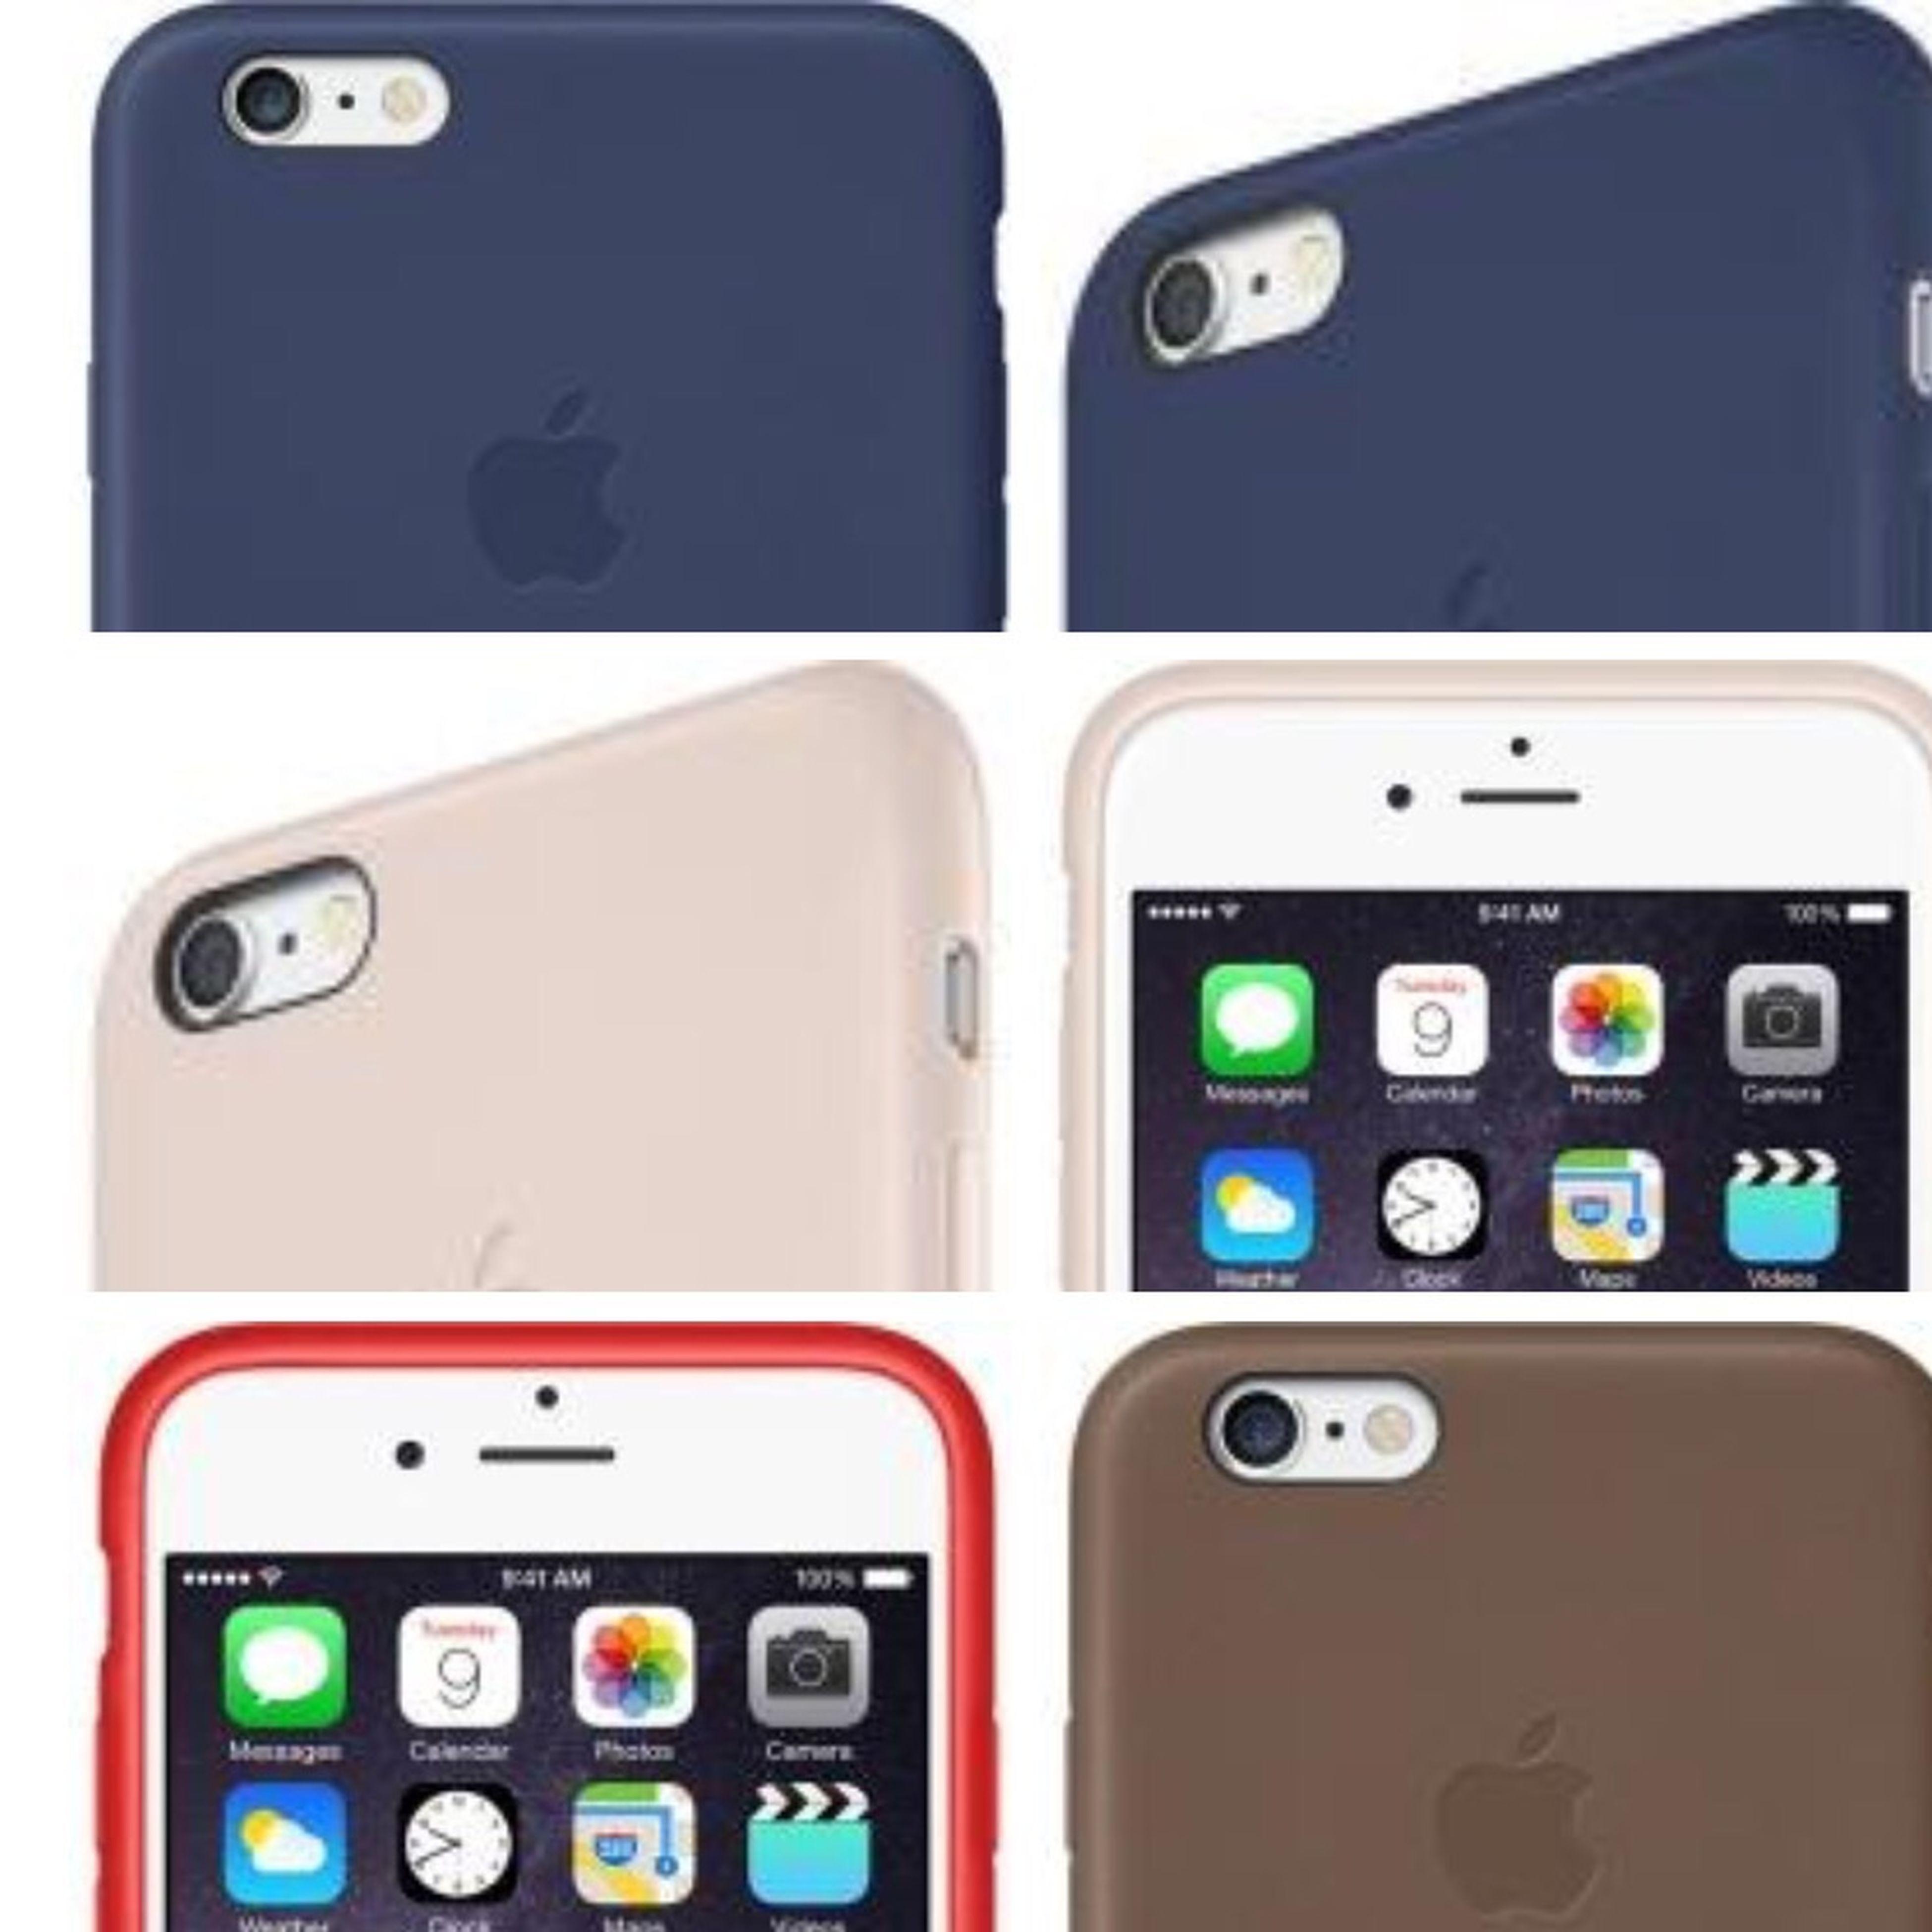 Уделите пару минут нашей группе в контакте и забудьте про очереди ? Будь первым! vk.com/richmarket IPhone Iphone 6 Iphone 6 Plus Iphone Case